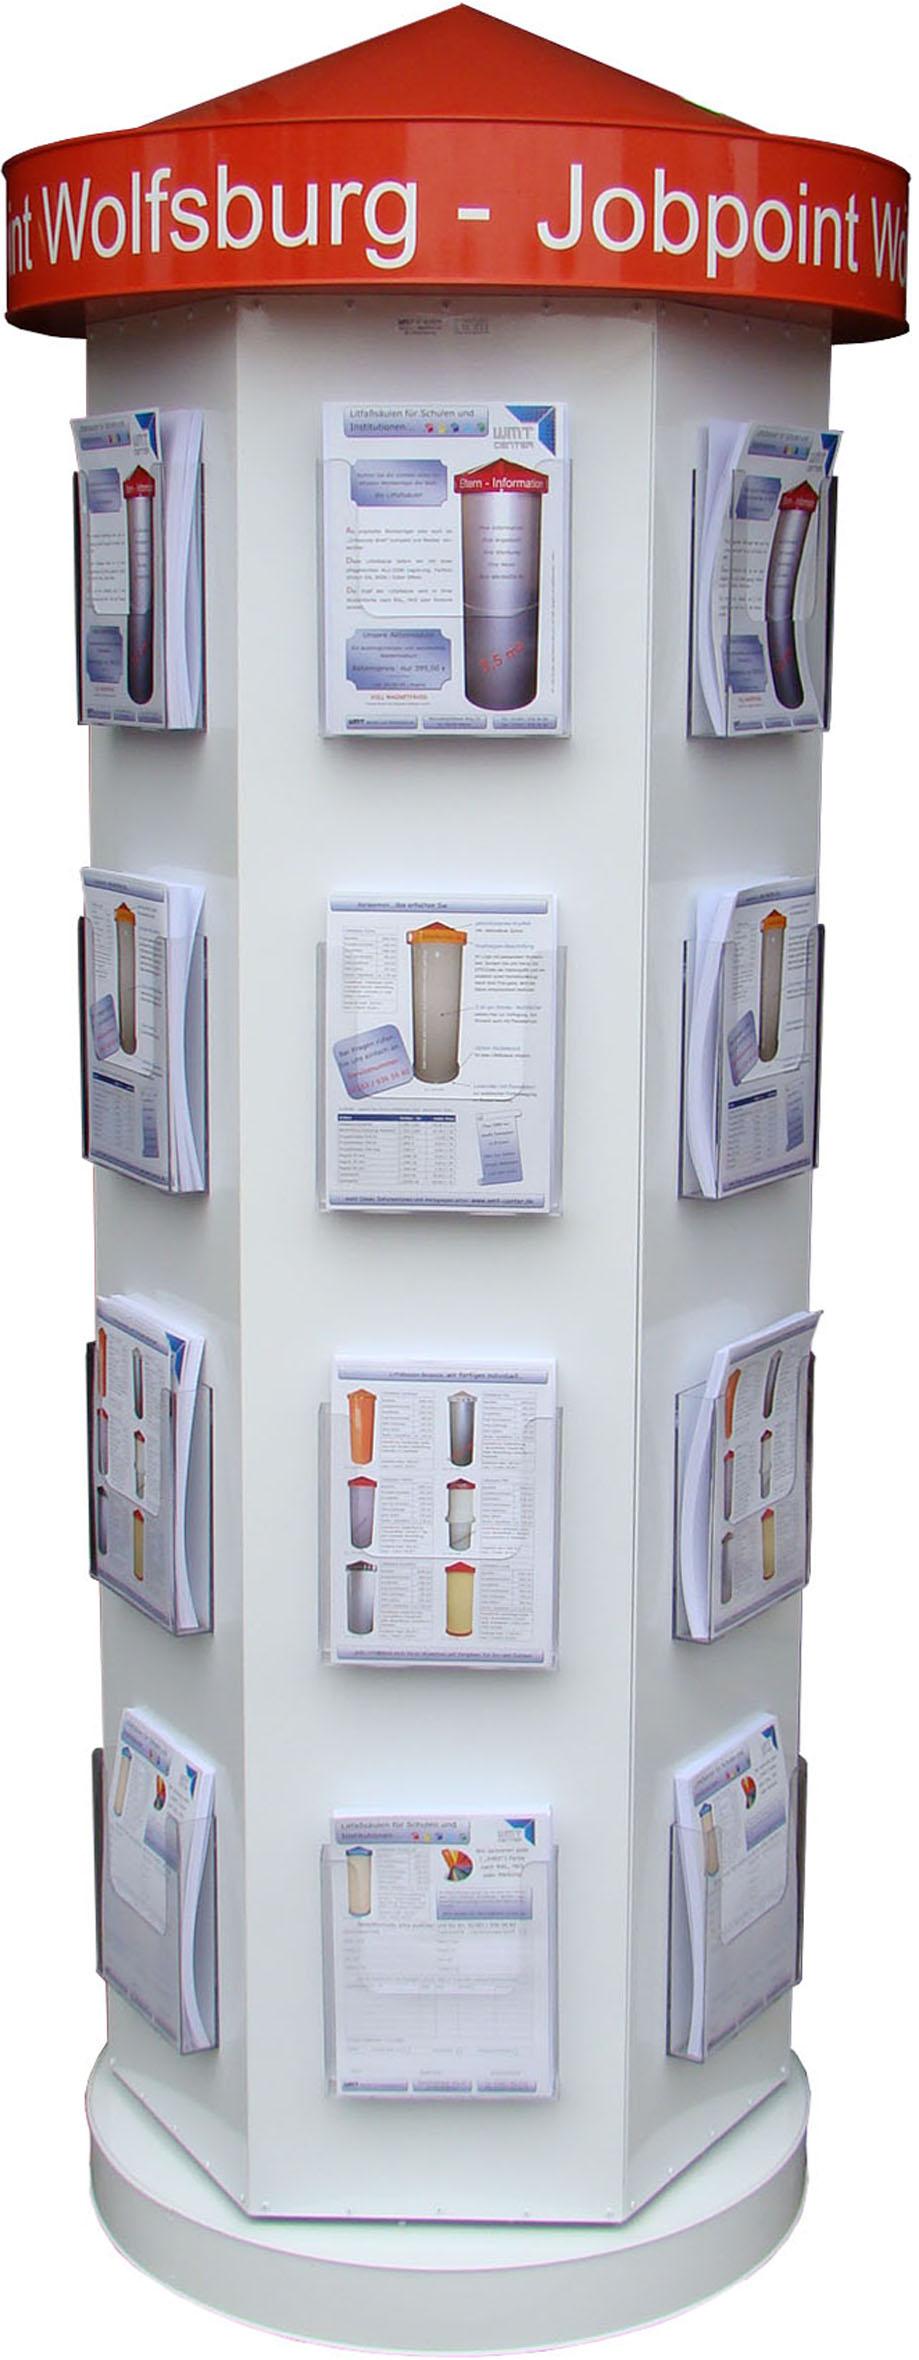 wmt center boenen der weltweit erste und gr te litfa s ulen onlineshop litfa s ulen f r. Black Bedroom Furniture Sets. Home Design Ideas